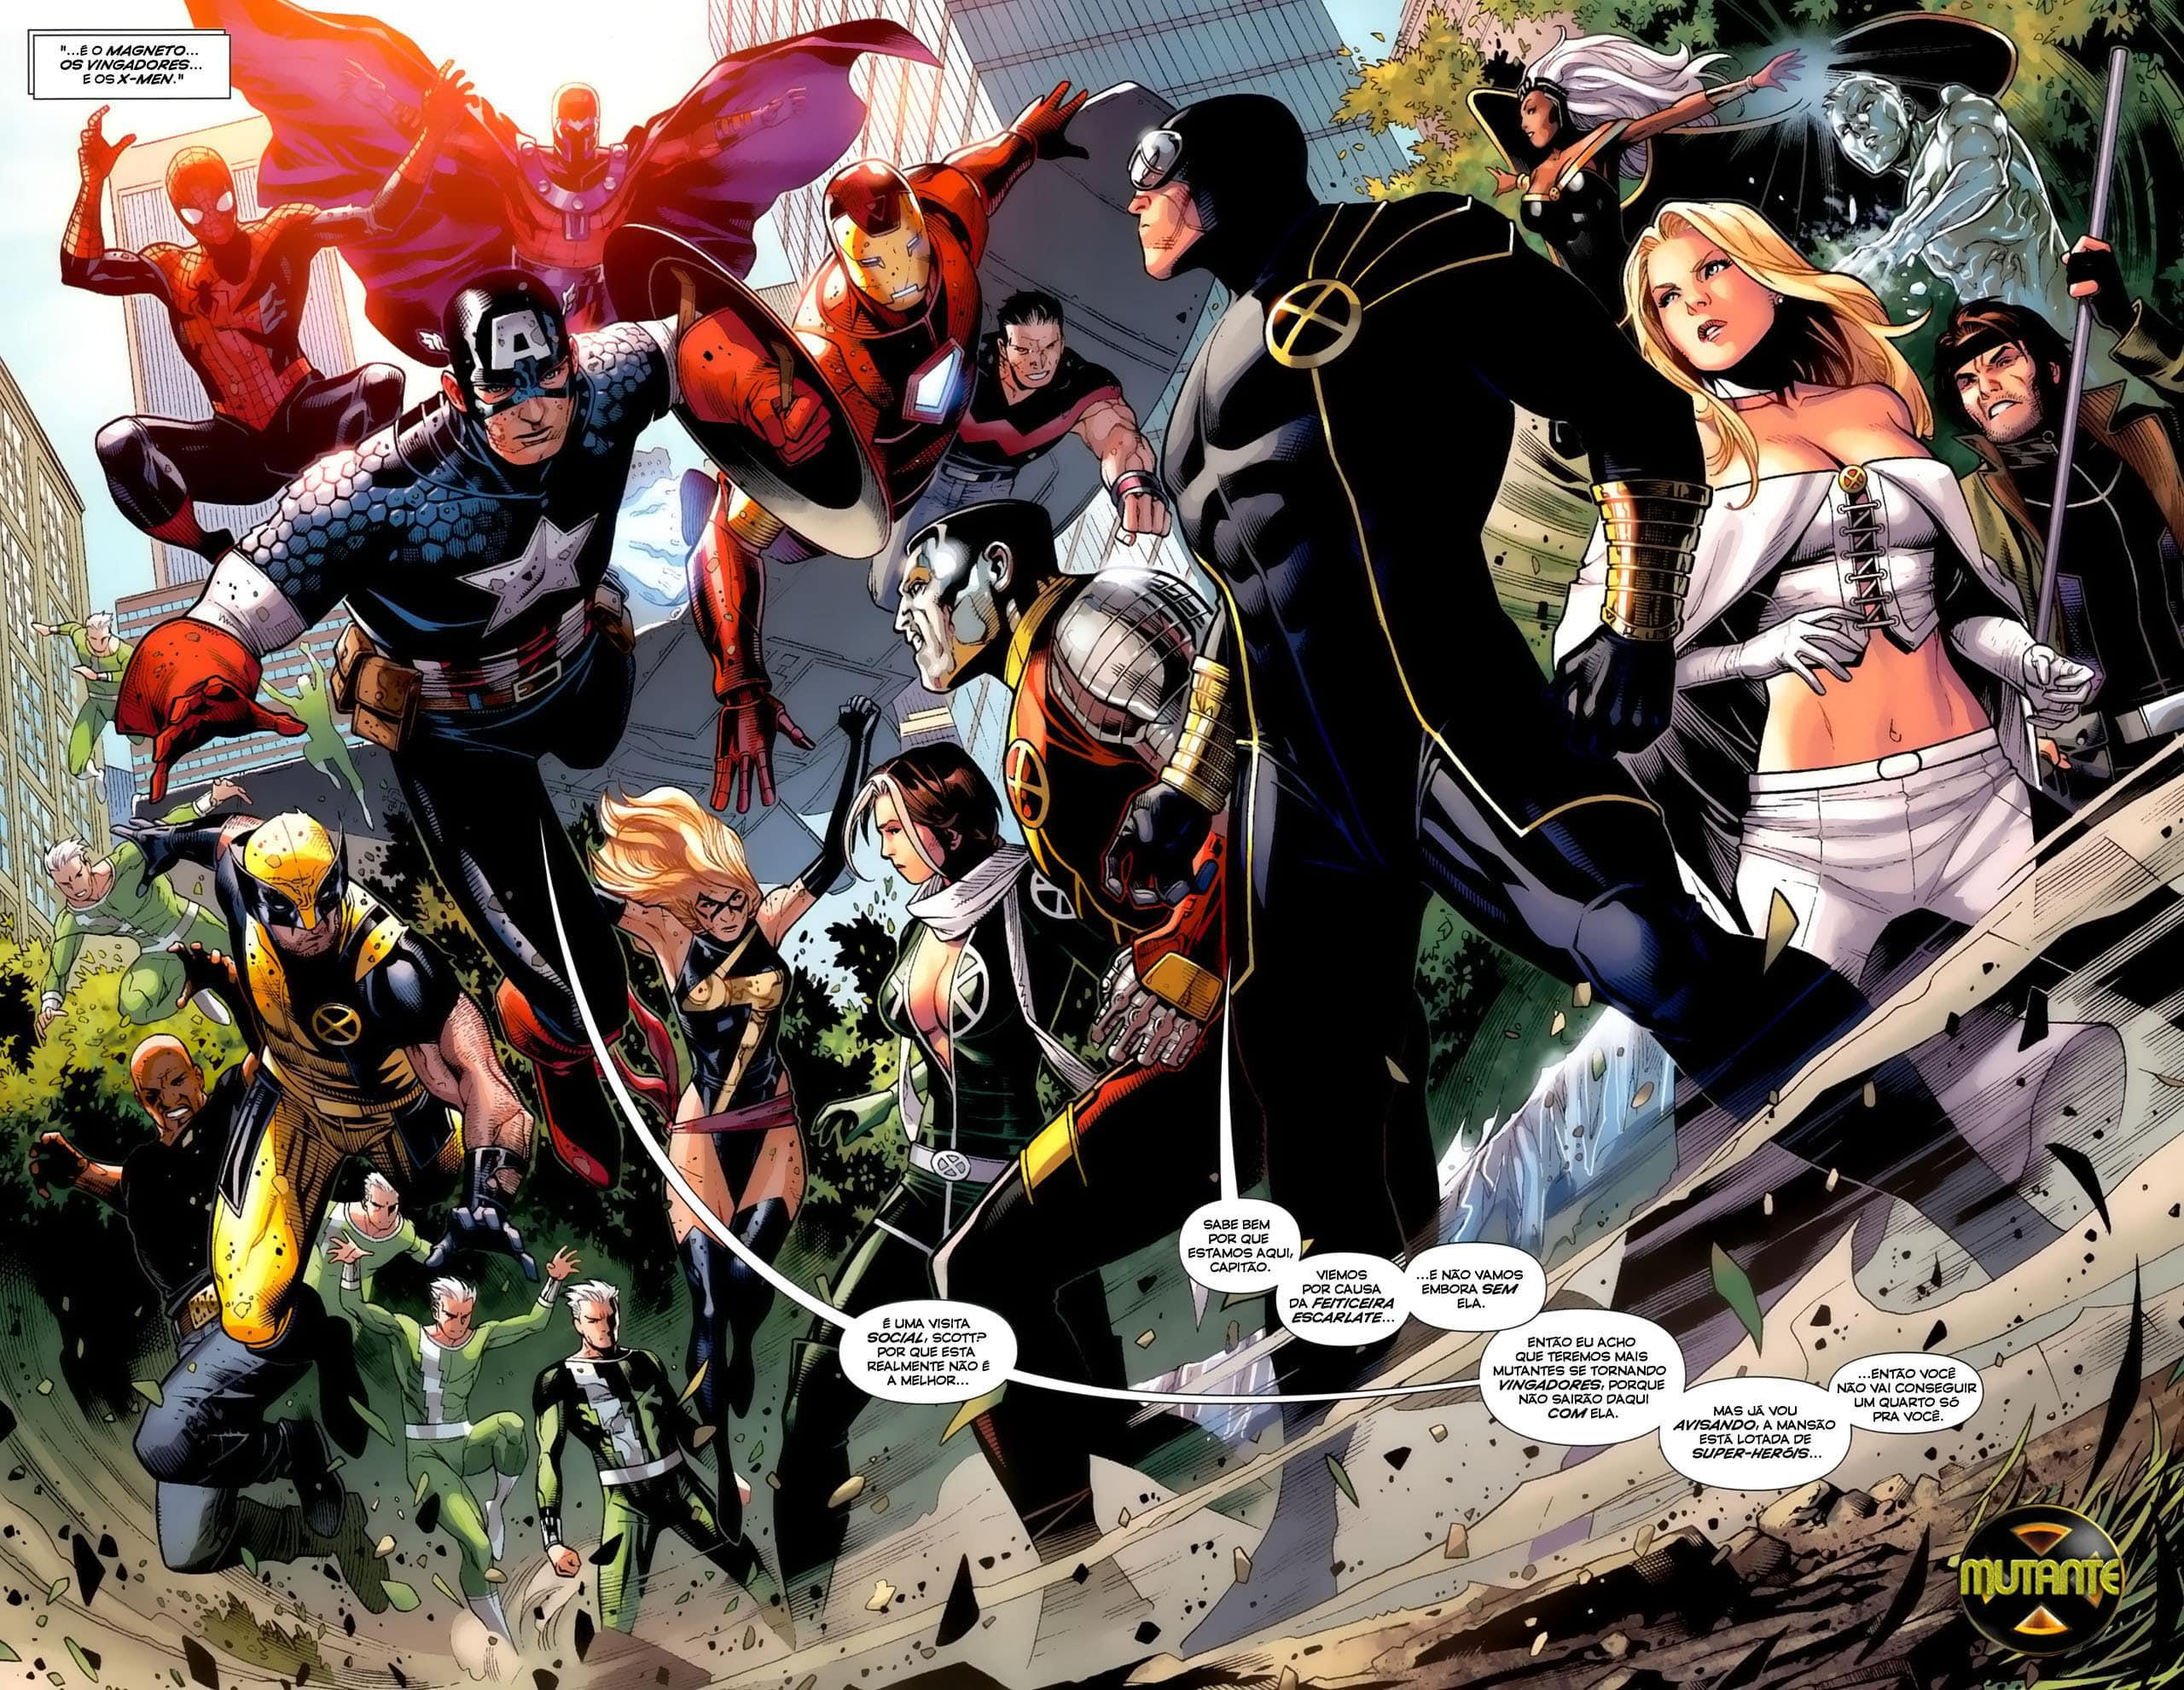 Vingadores: A Cruzada das Crianças 2